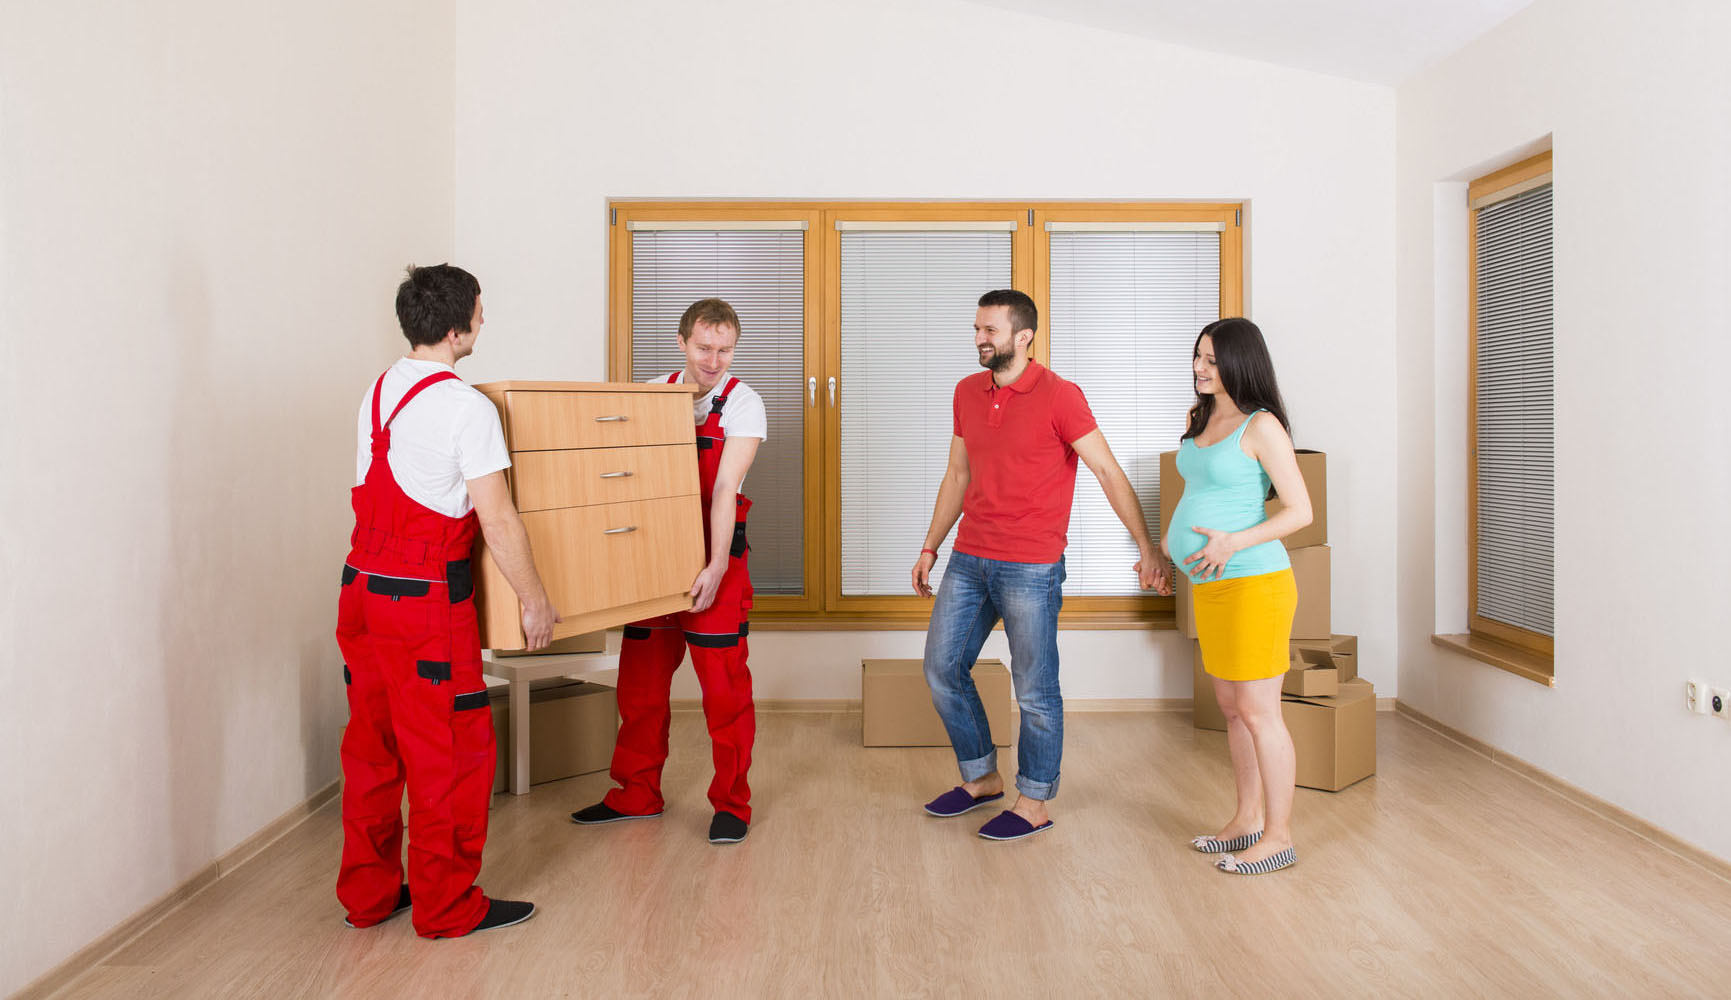 6 kinh nghiệm khi chuyển nhà phố bạn nên nắm rõ